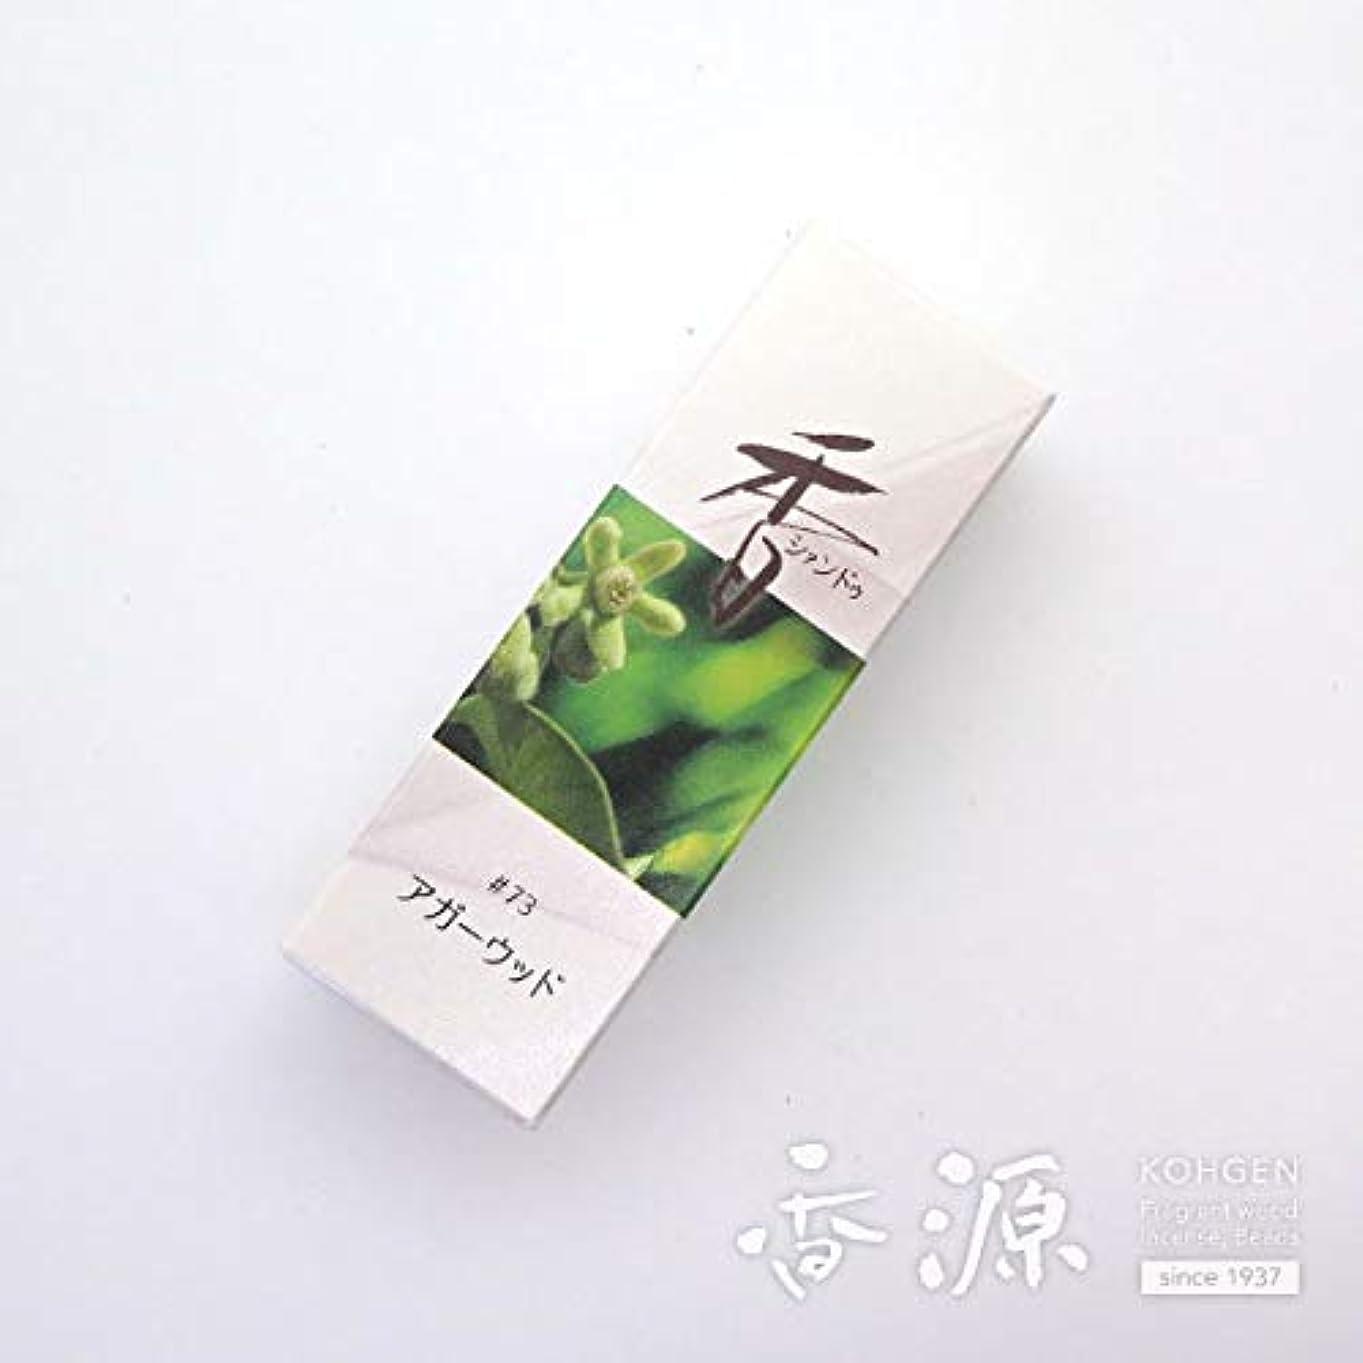 水を飲むニックネーム二次松栄堂のお香 Xiang Do(シャンドゥ) アガーウッド ST20本入 簡易香立付 #214273